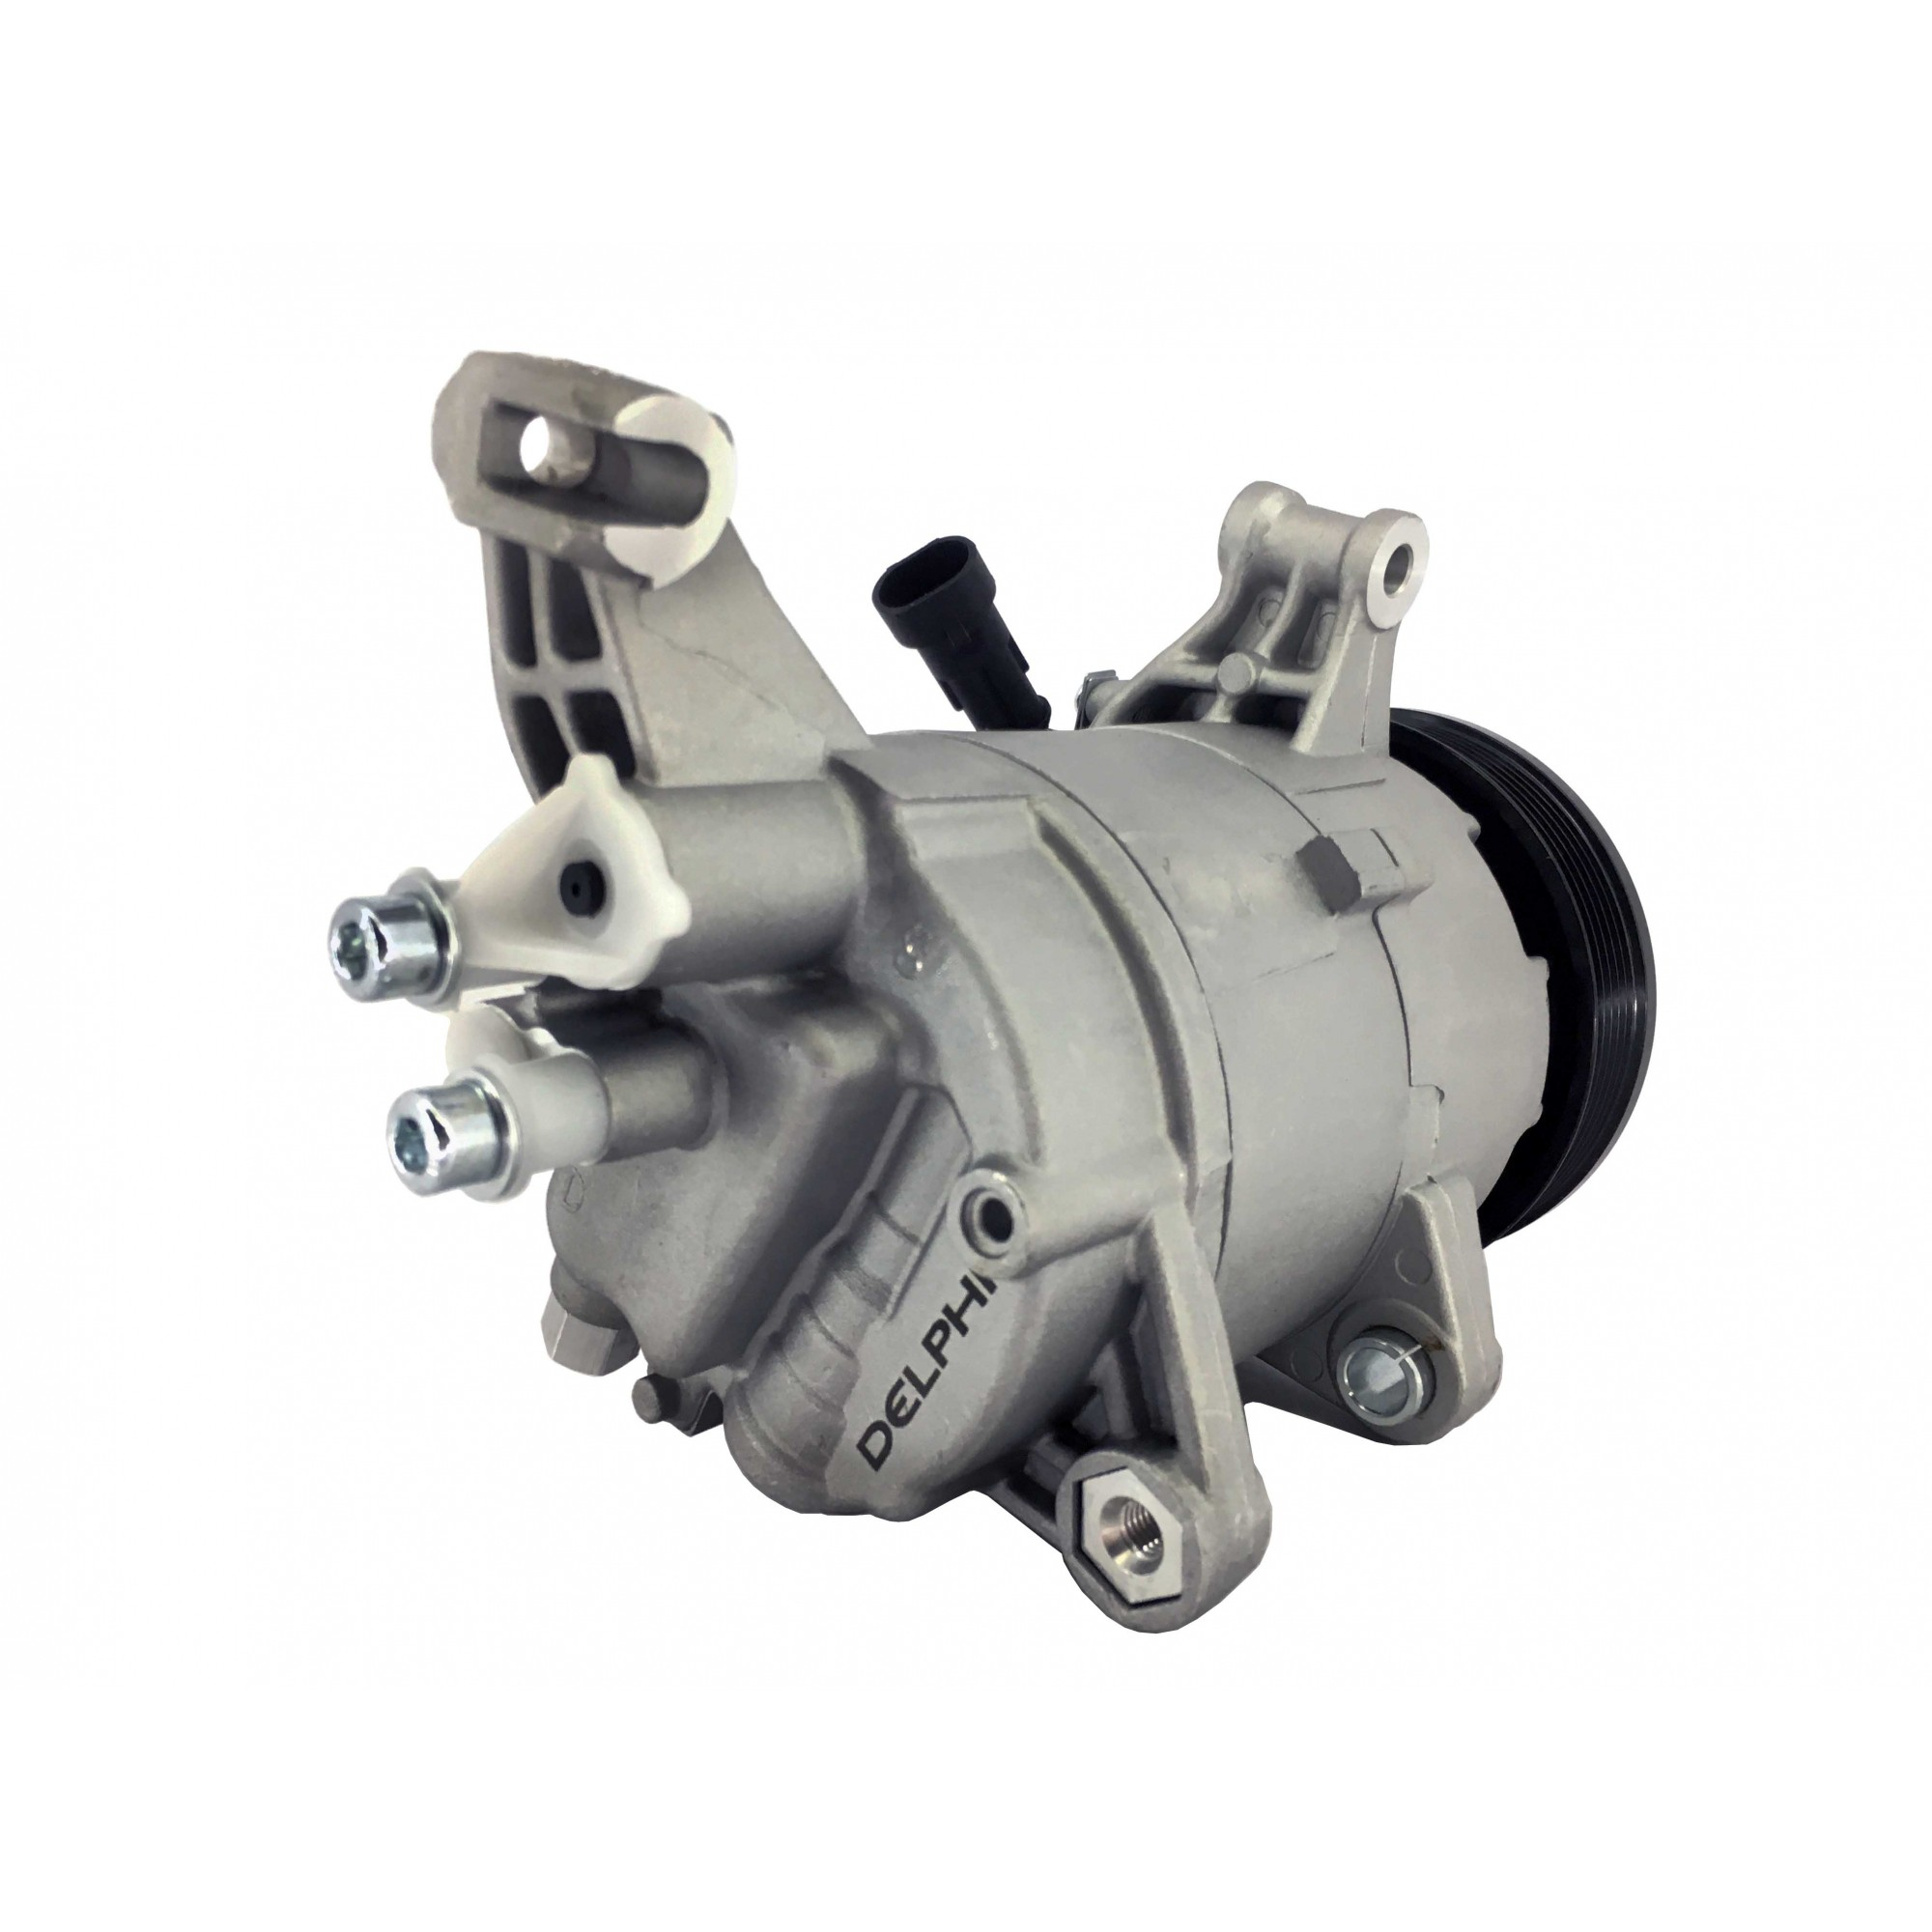 Compressor  Palio / Doblo / Punto / Stilo E-torq 1.6 Delphi